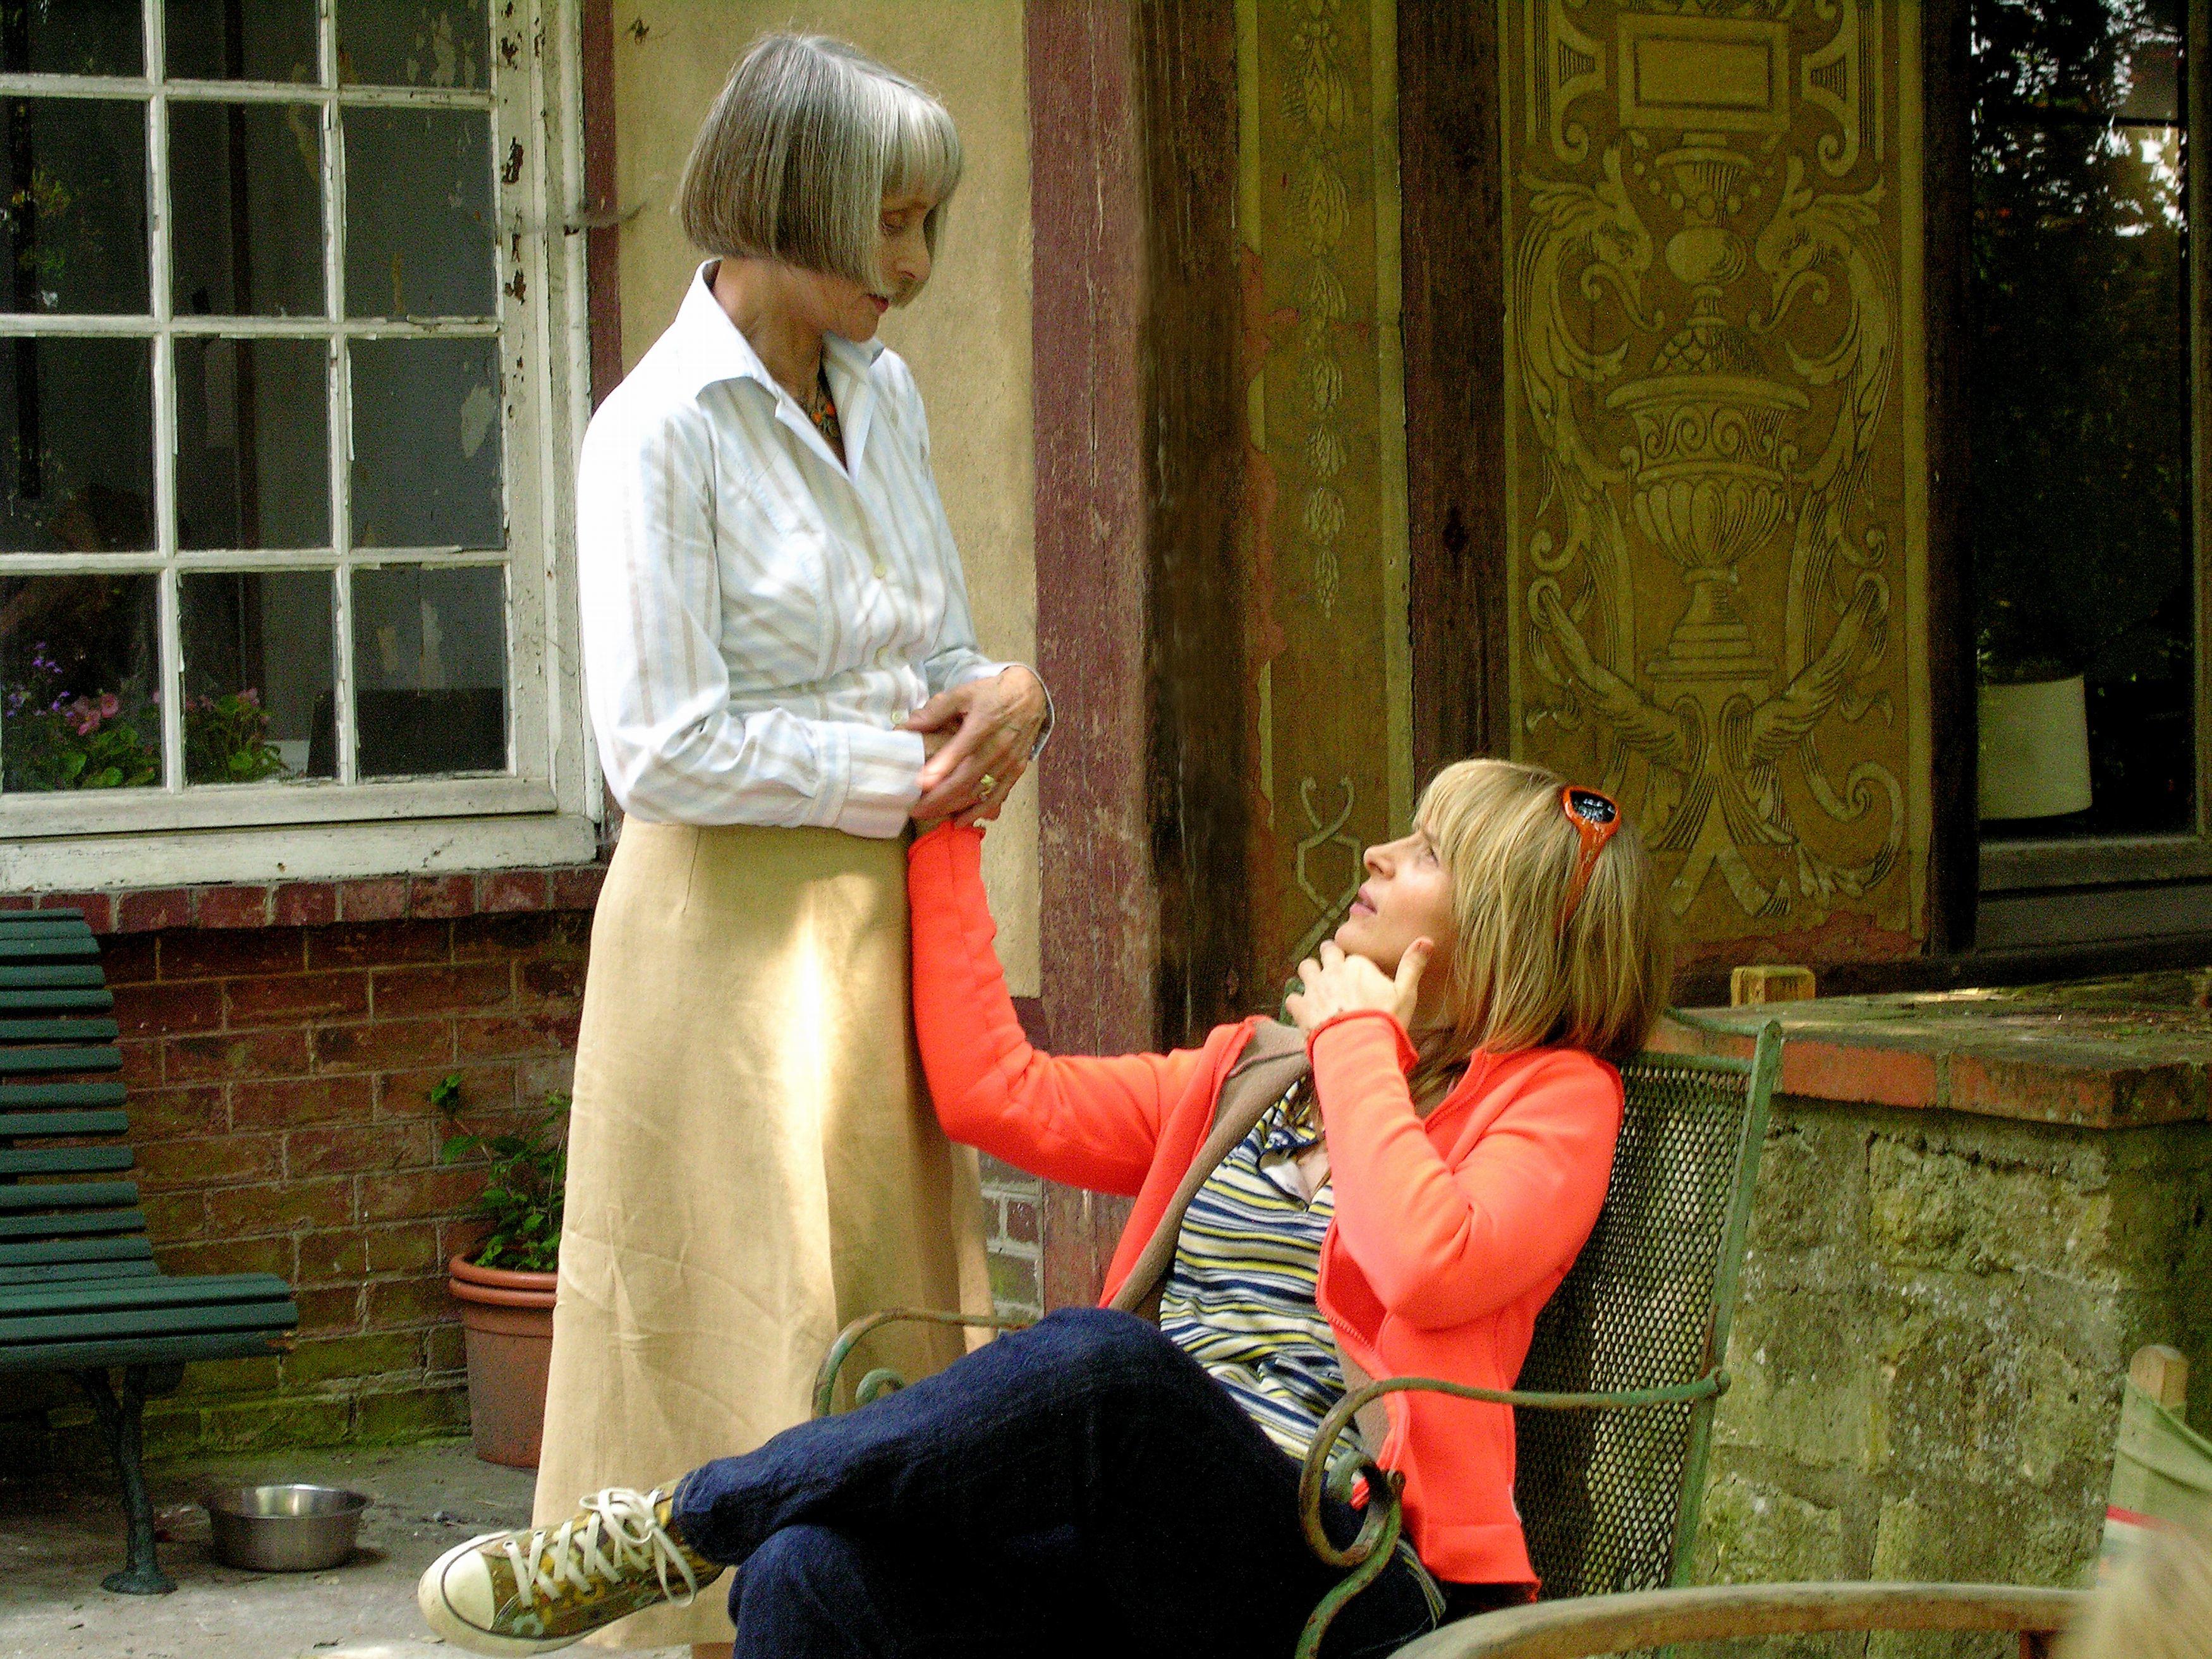 Edith Scob et Juliette Binoche dans L'Heure d'été de Olivier Assayas